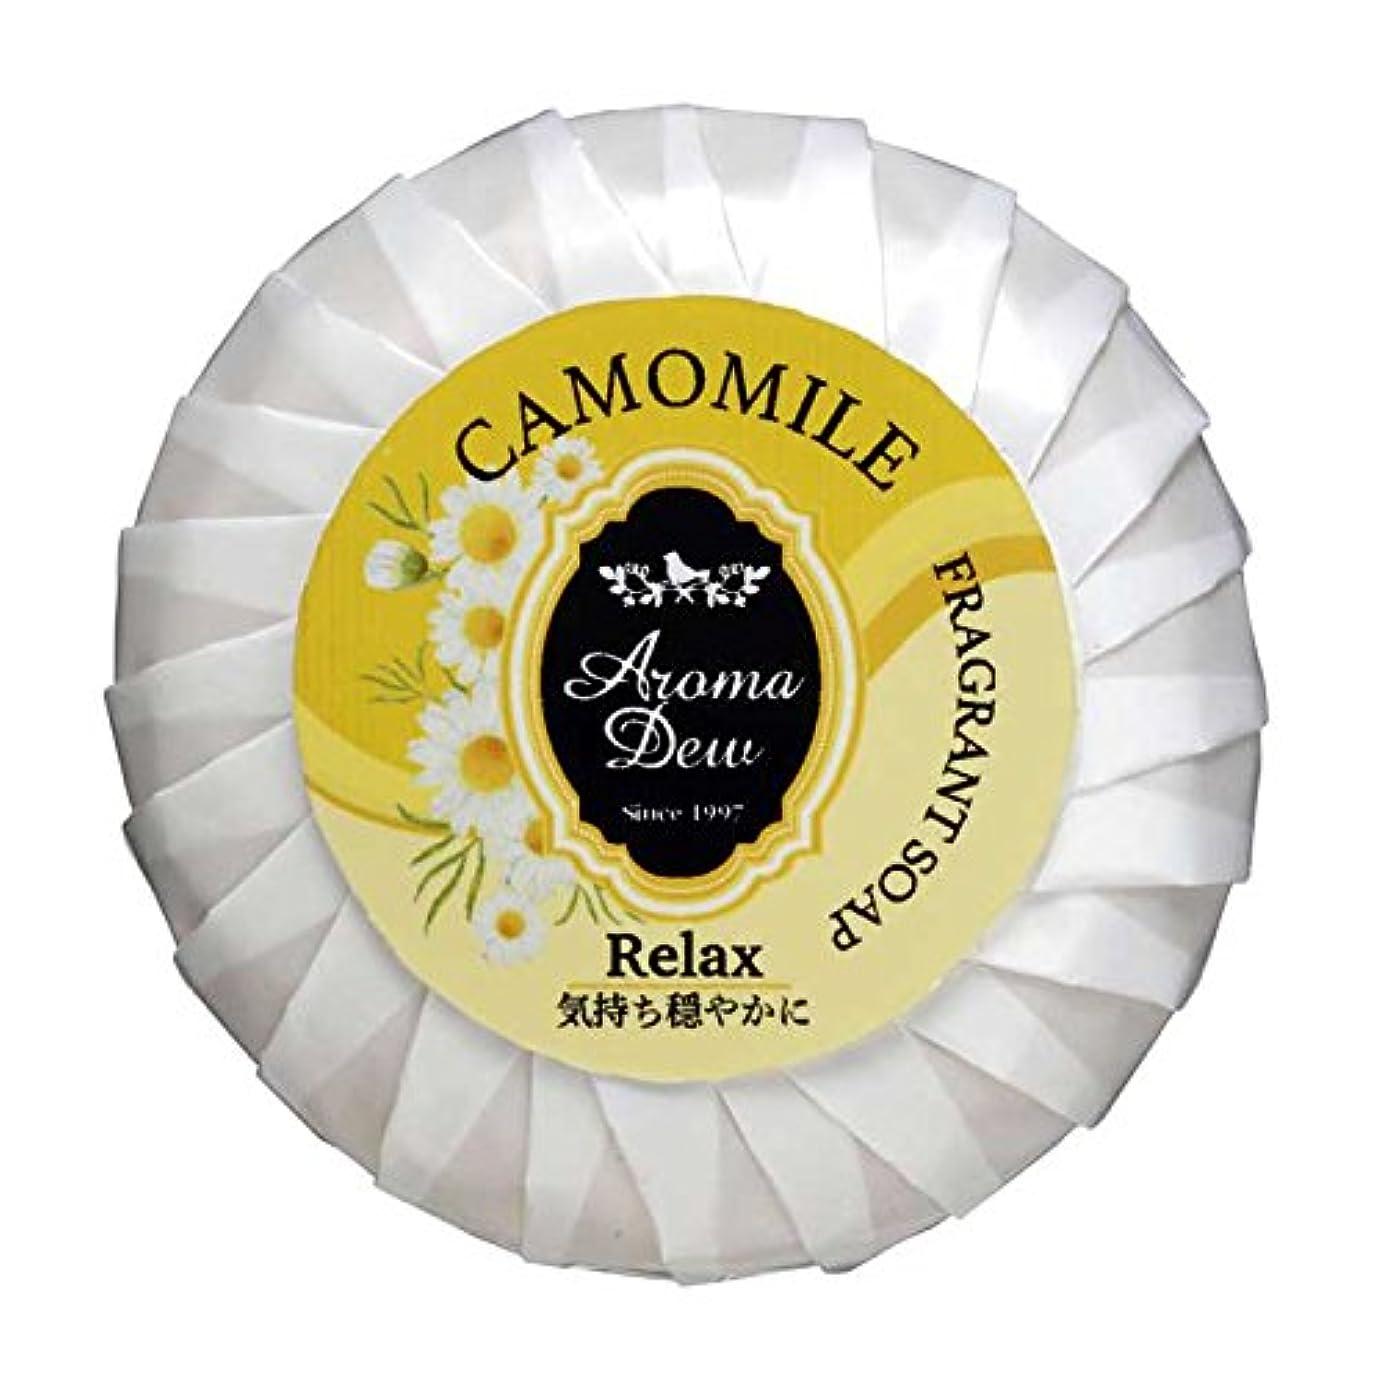 死んでいる検証センチメートルアロマデュウ フレグラントソープ カモミールの香り 100g